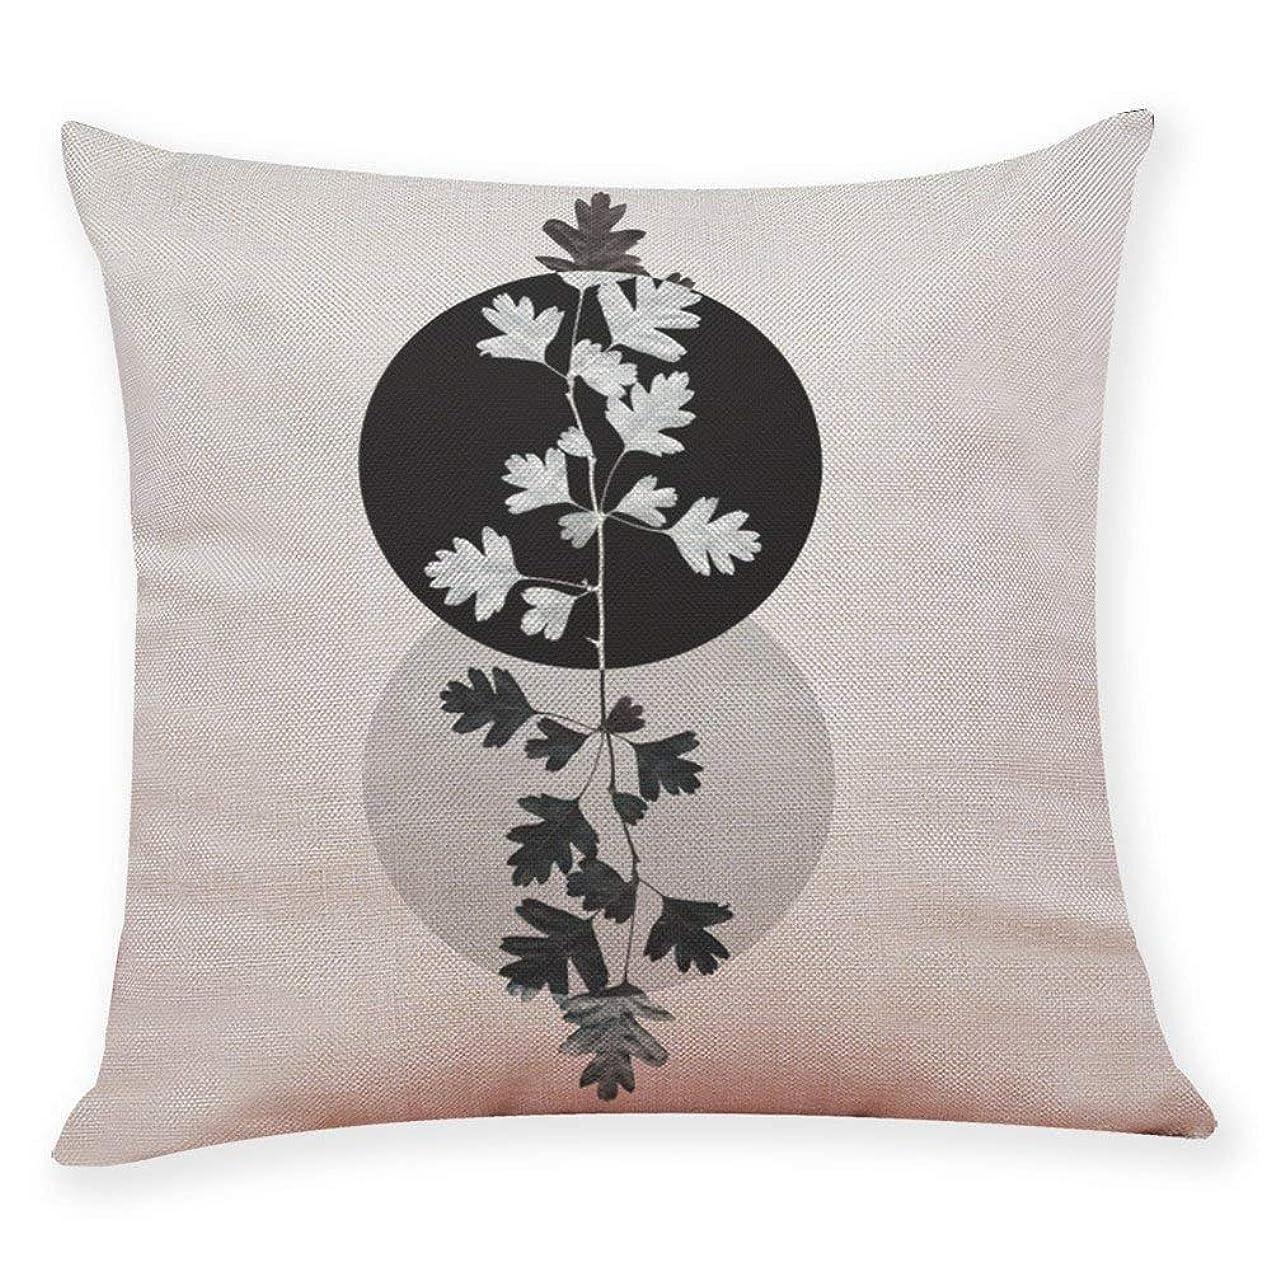 ご注意顕微鏡混乱した花植物投げ枕カバー、見えないジッパー付きリビングルームのソファ車の寝室のためのクッションケース家の装飾、es h \ w:18インチ* 18インチ